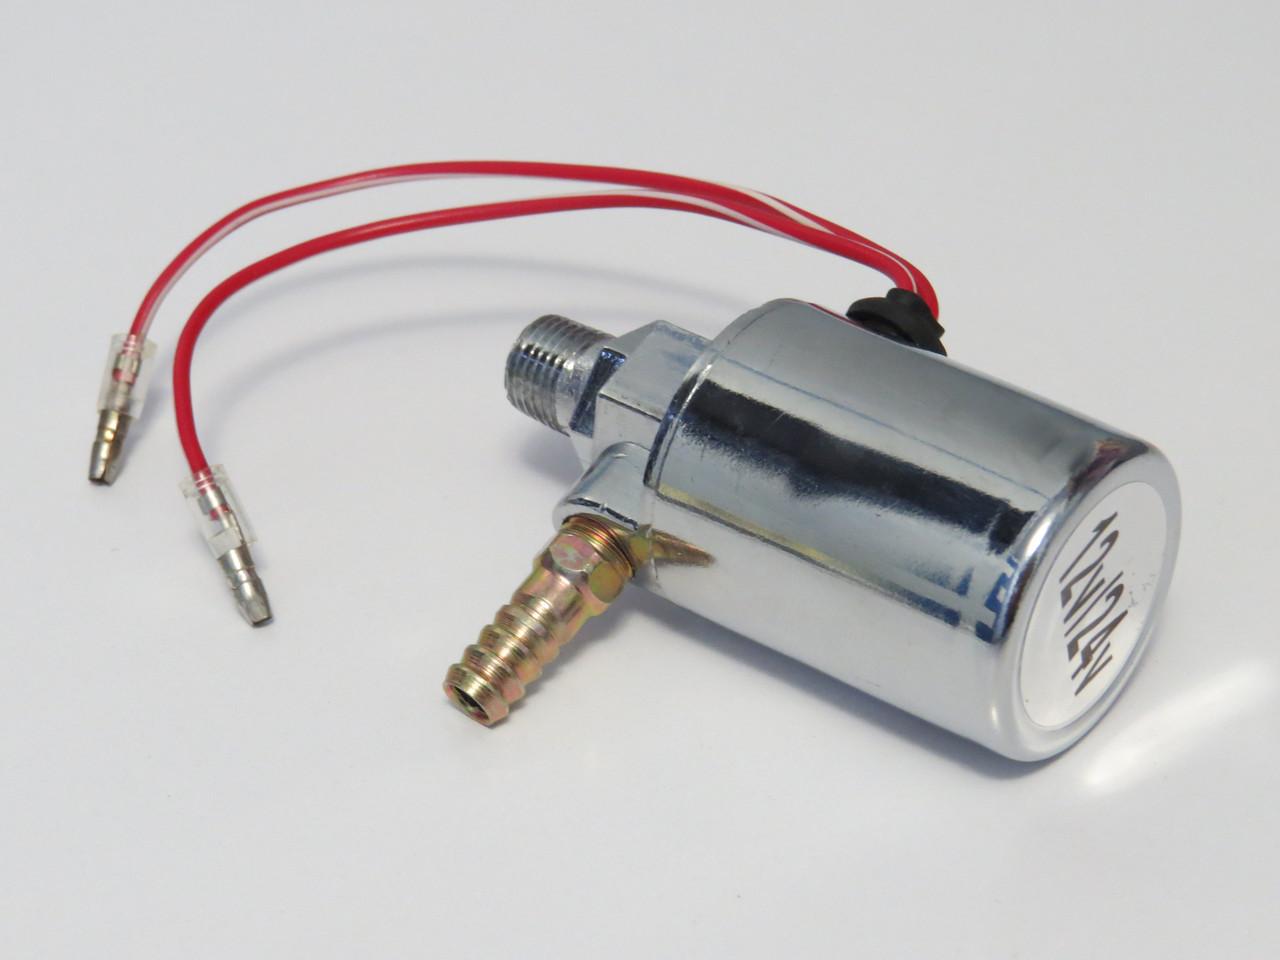 Воздушный электромагнитный клапан для пневмосигнала SL 5002